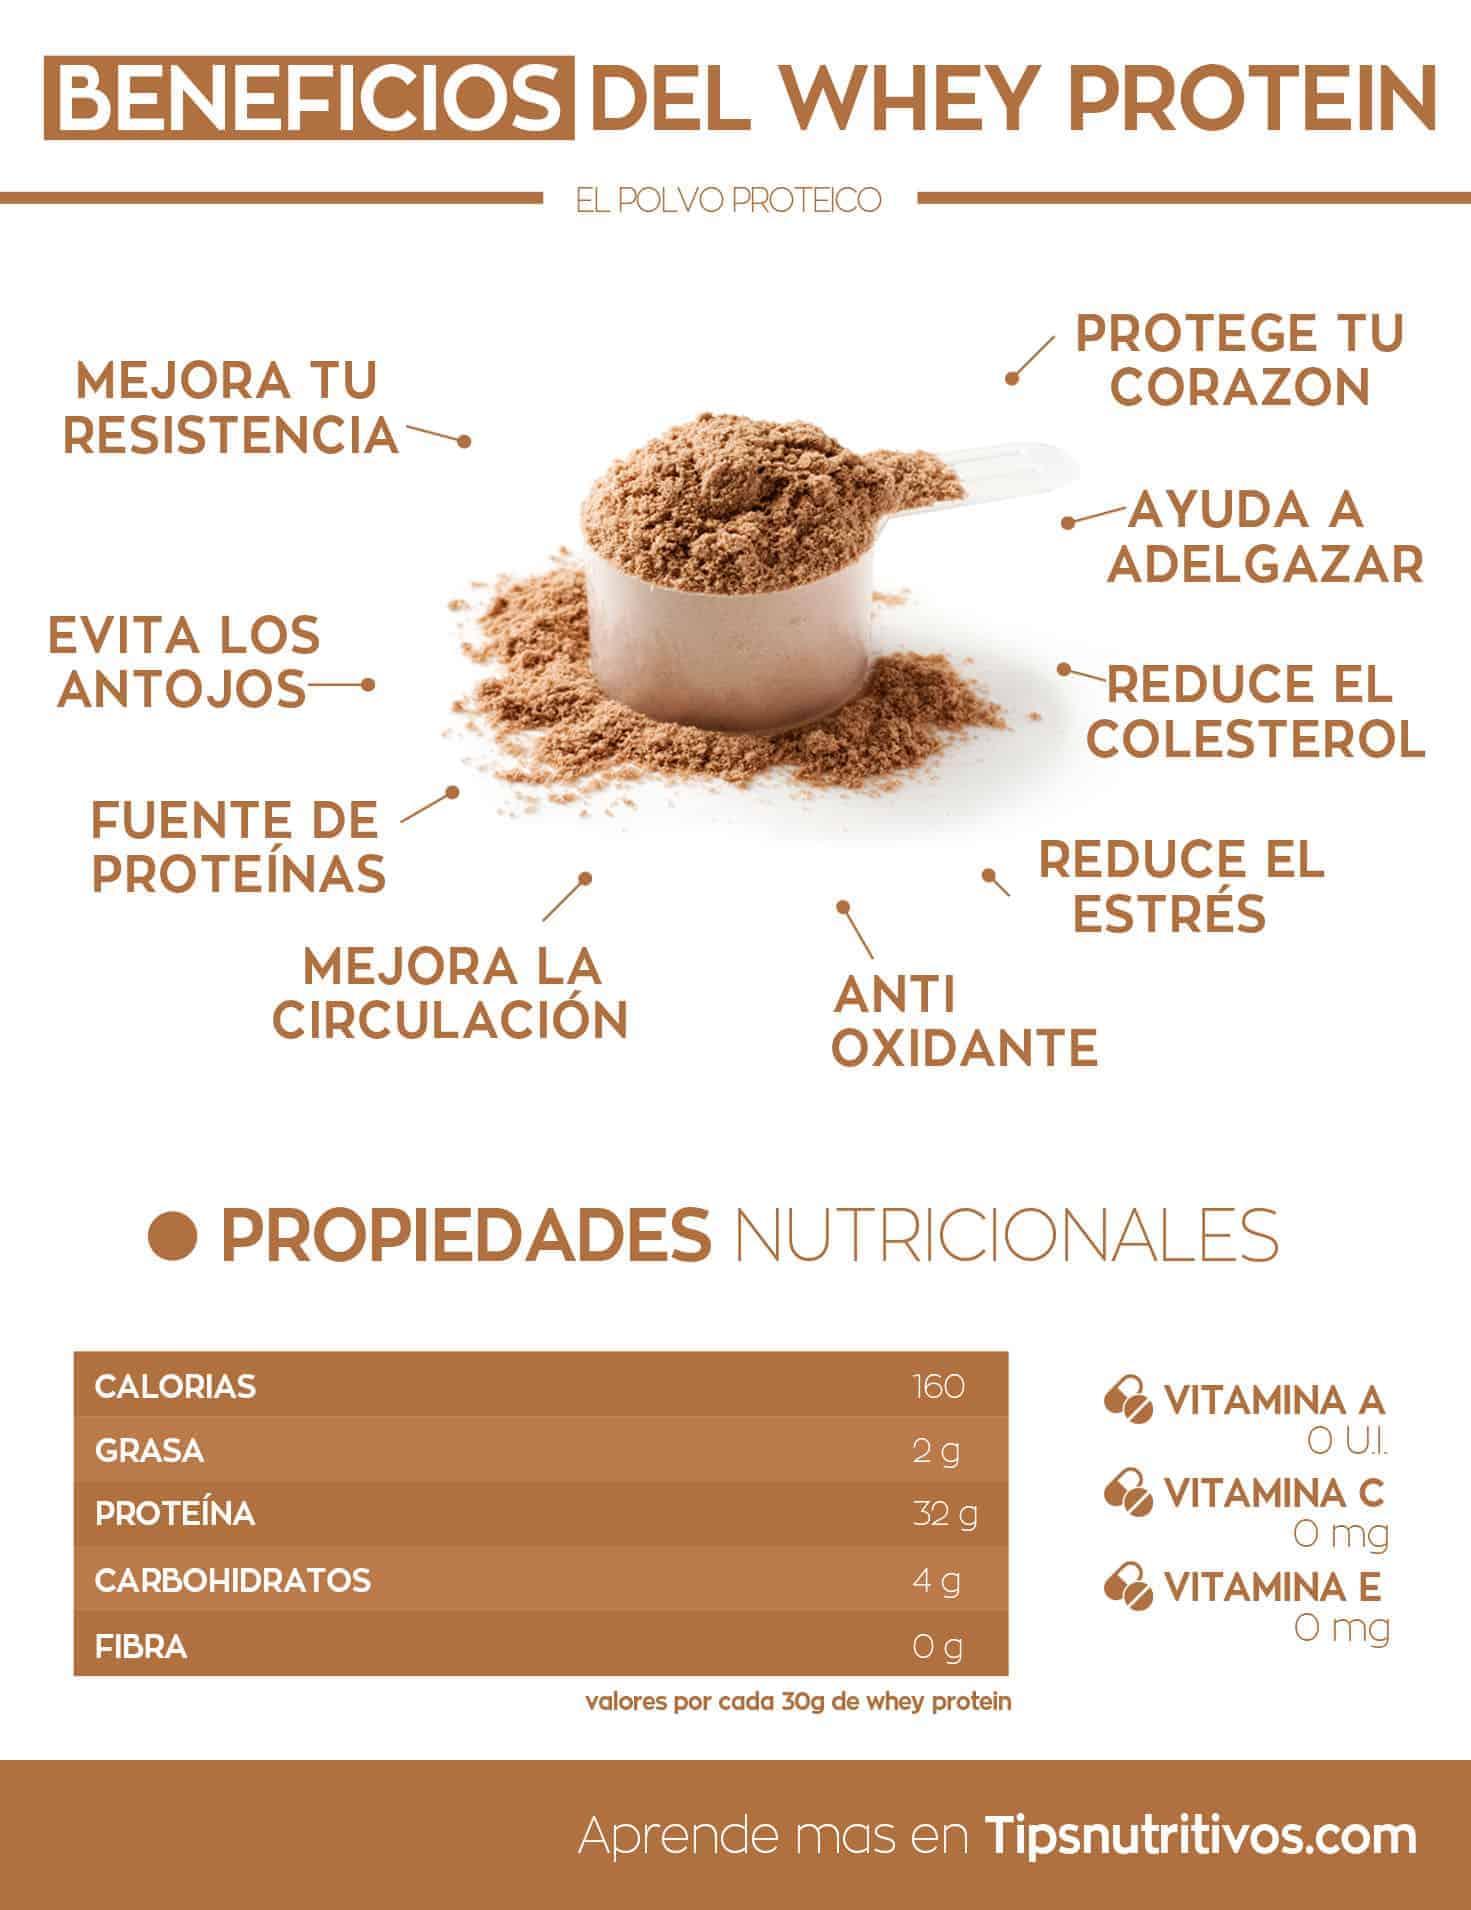 Resultado de imagen de proteína caseina infografia